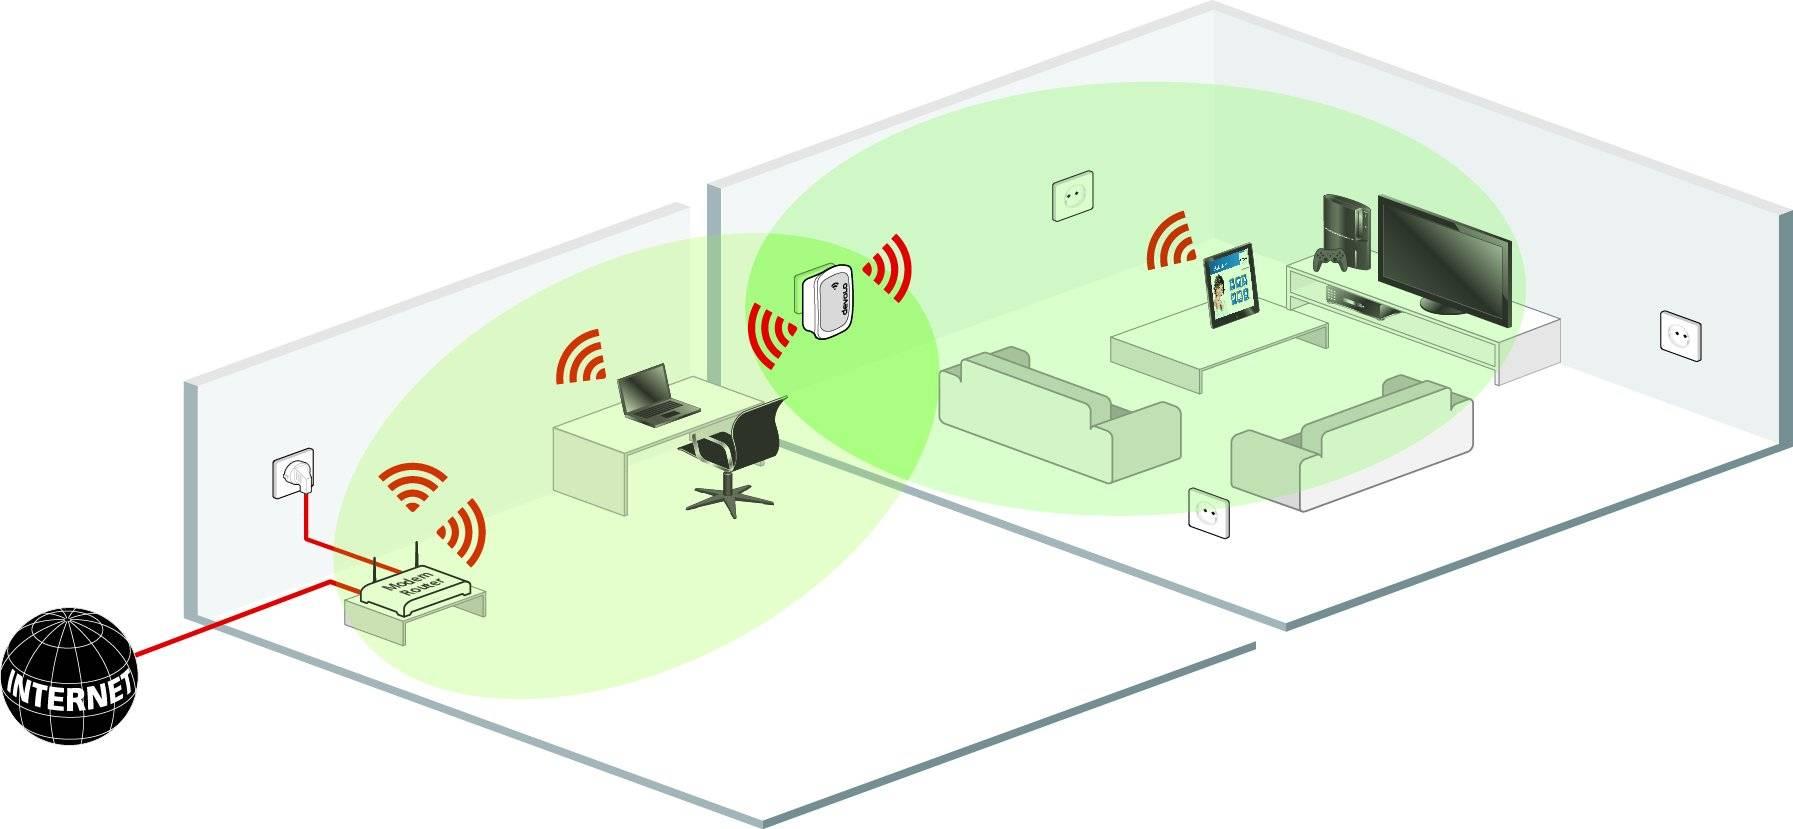 Как настроить репитер wifi повторитель и усилить сигнал роутера за 5 минут? - вайфайка.ру